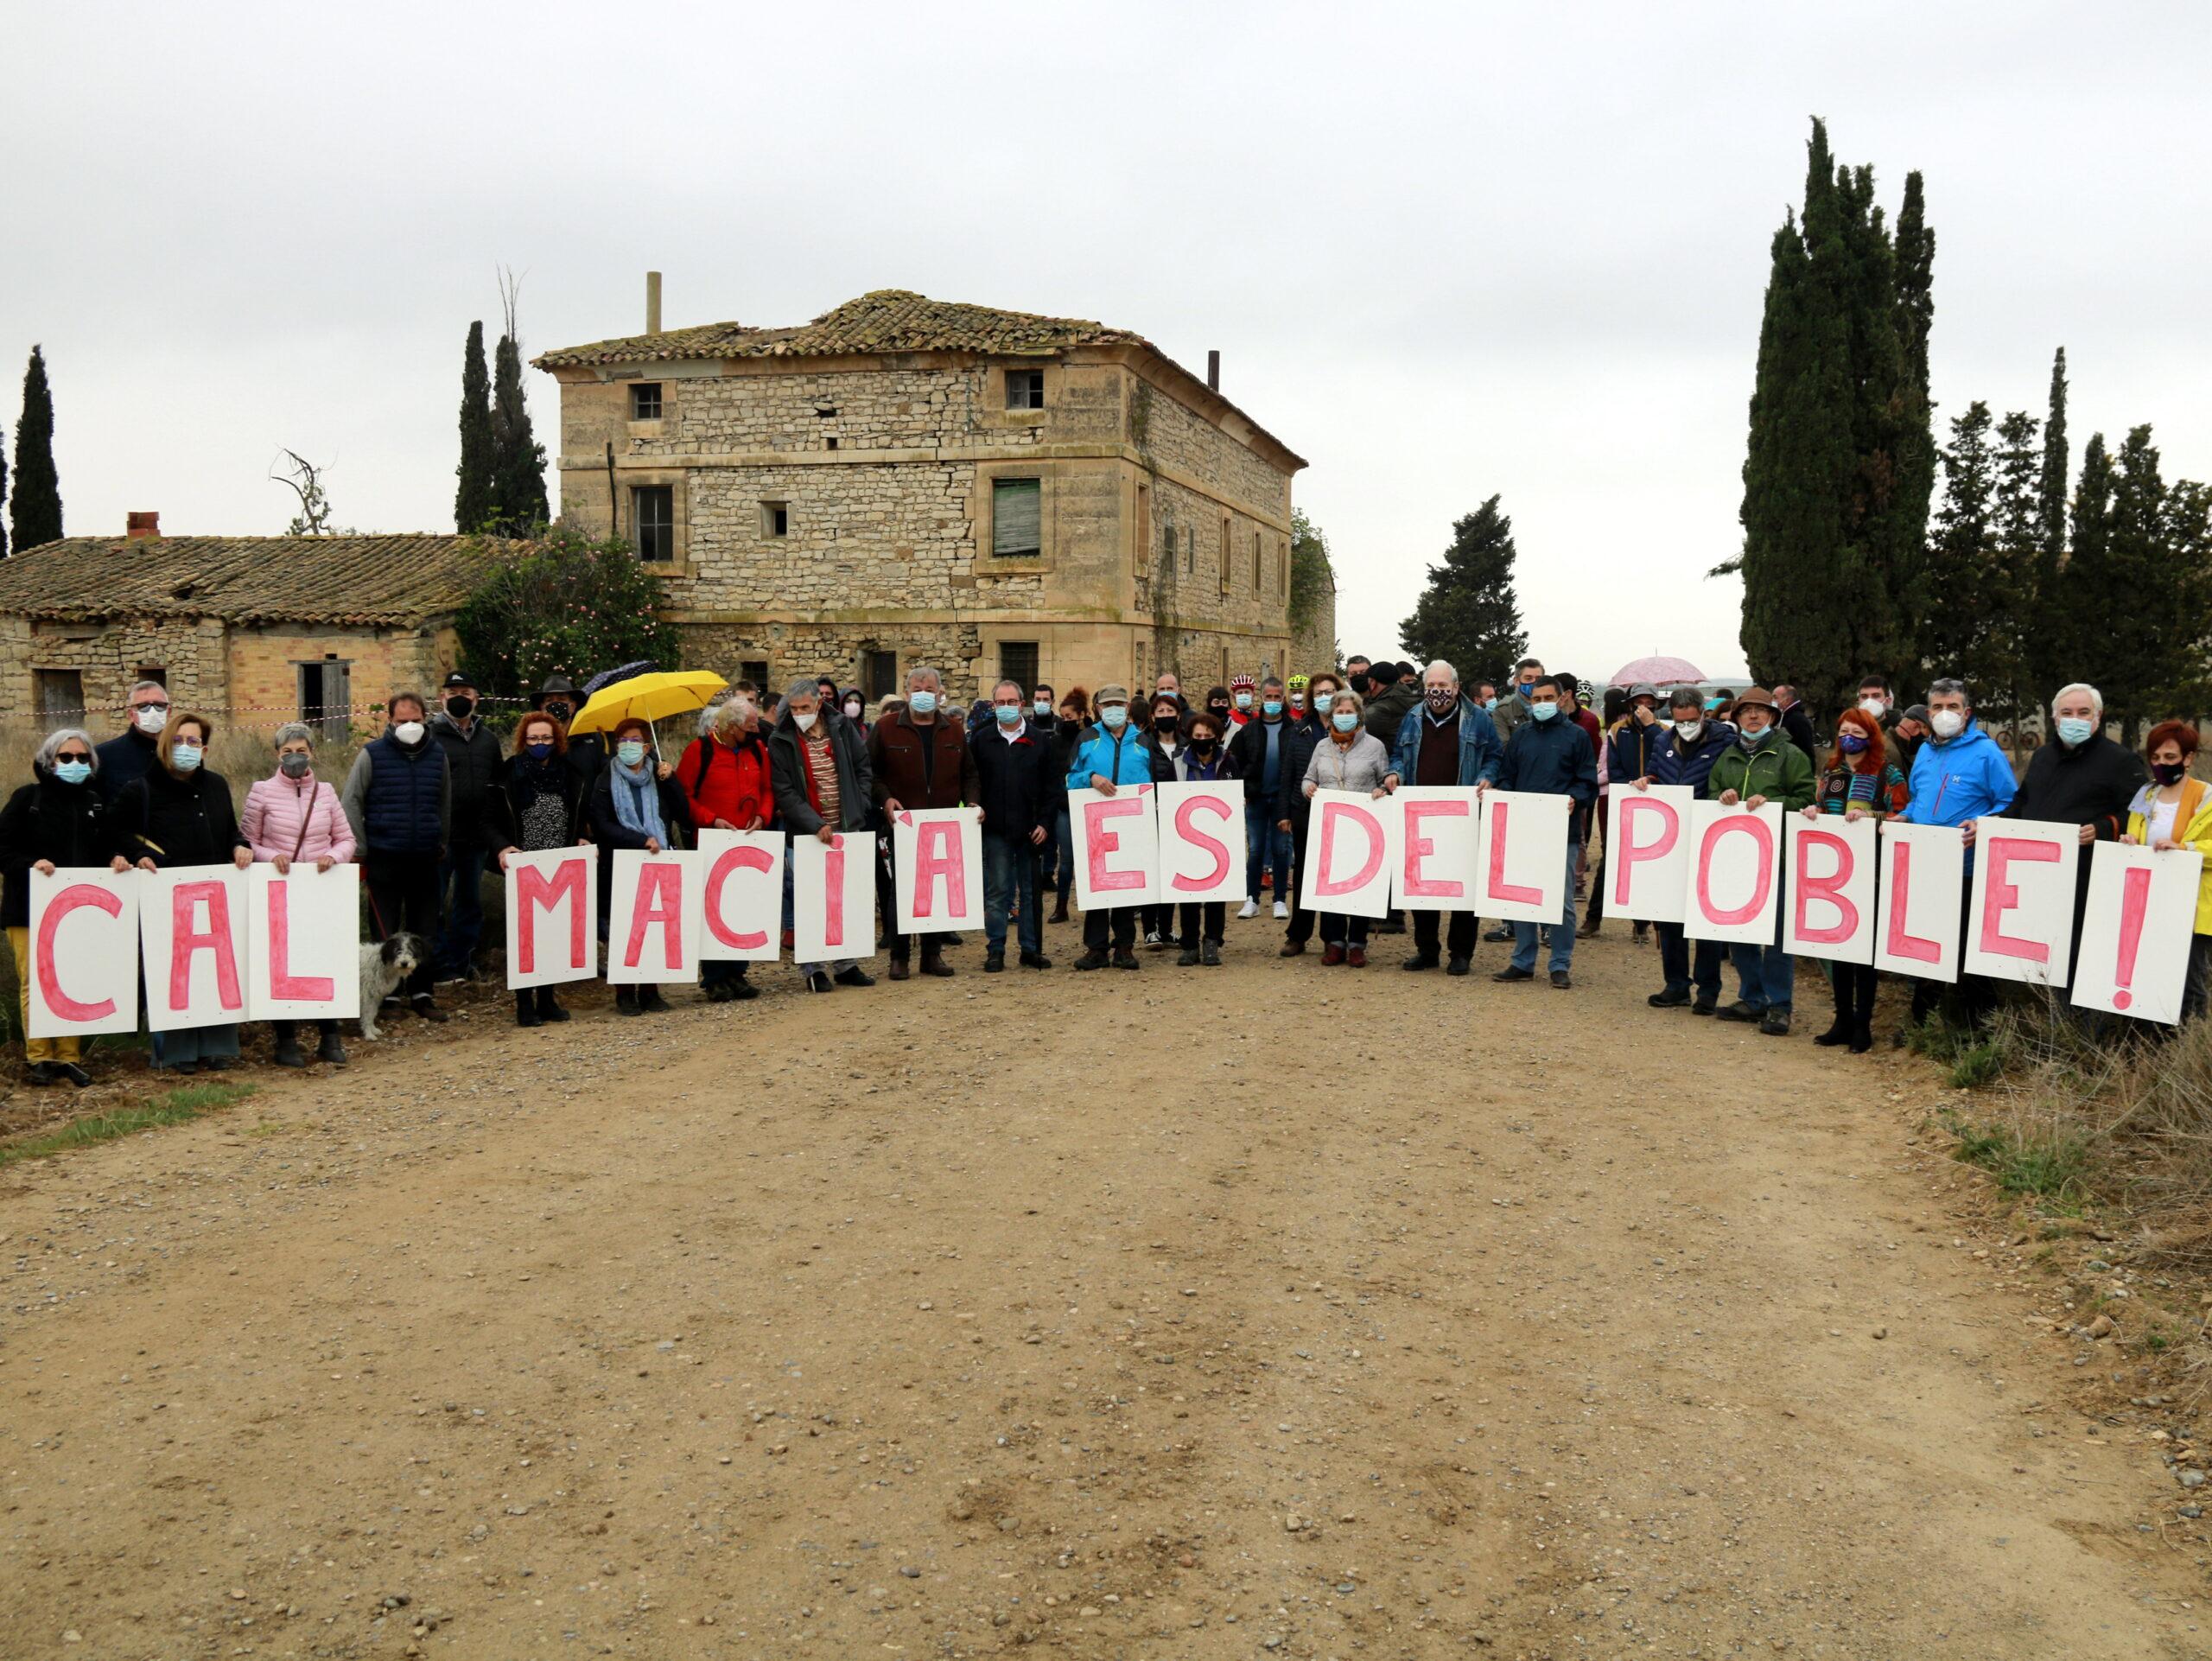 """Alguns dels participats a l'acte Vallmanya amb un cartell que reclama que """"Cal Macià és del poble"""" i la casa al fons (ACN)"""